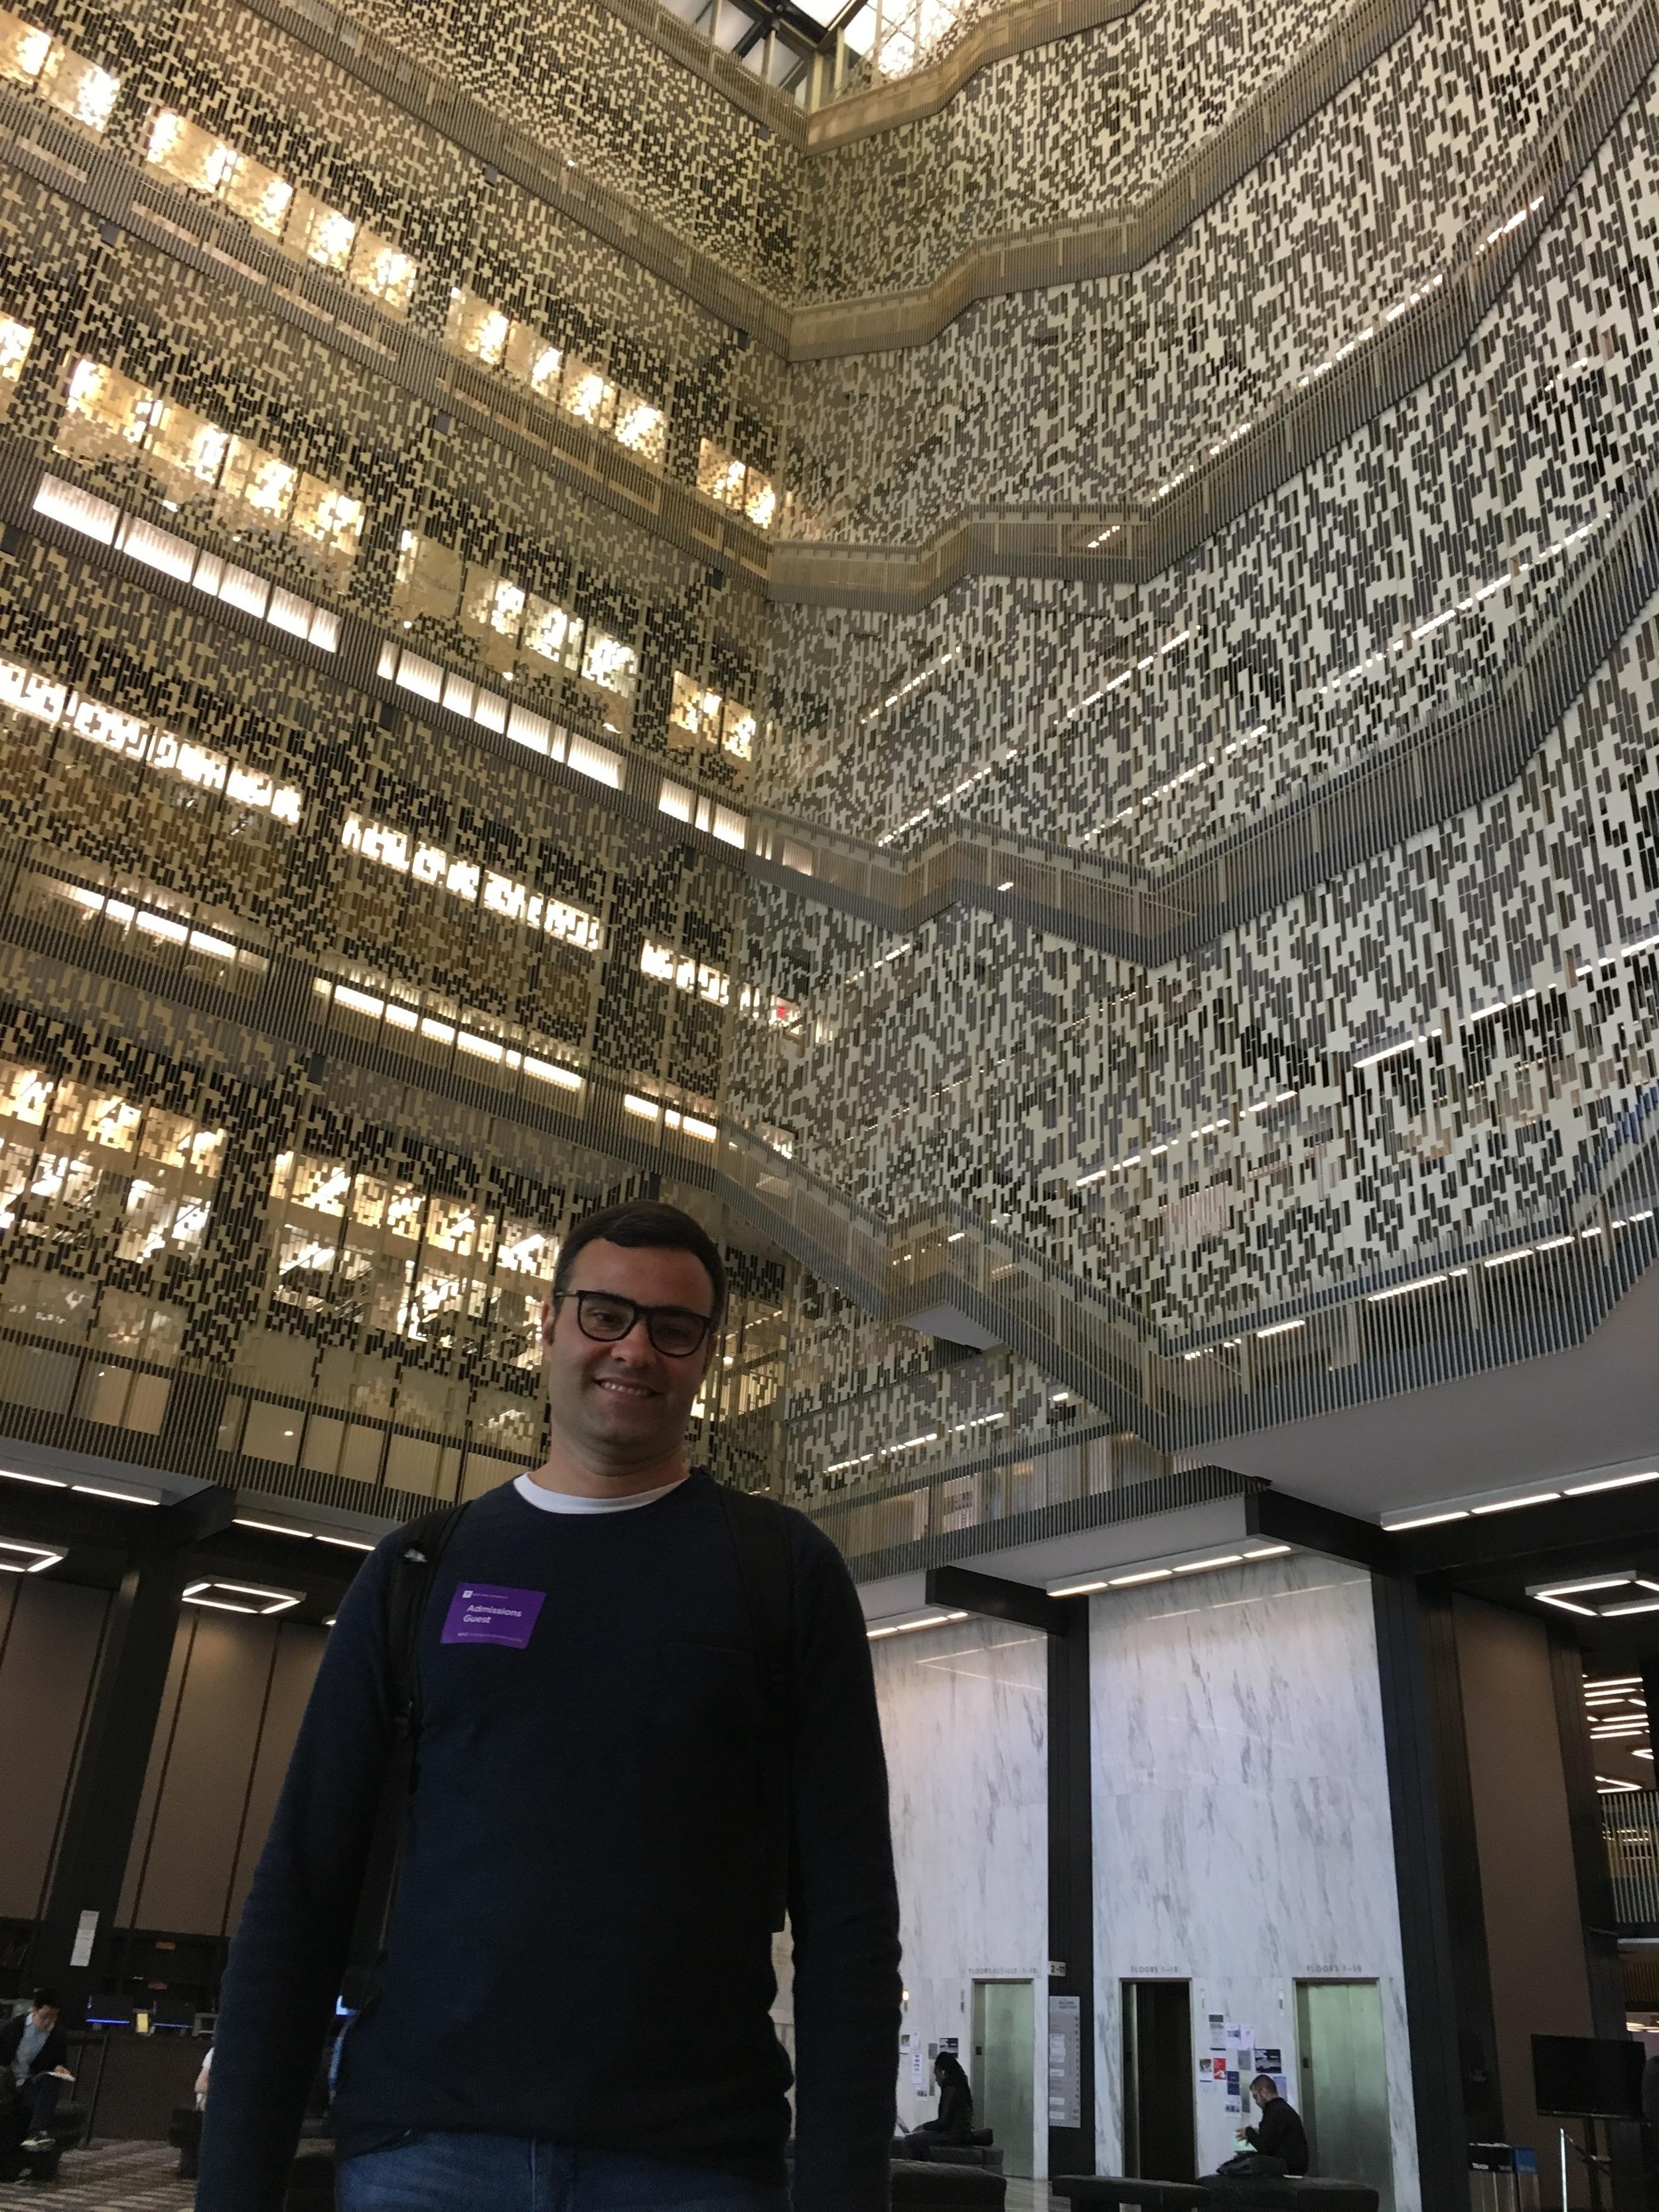 NYU's main Library, Bobst.